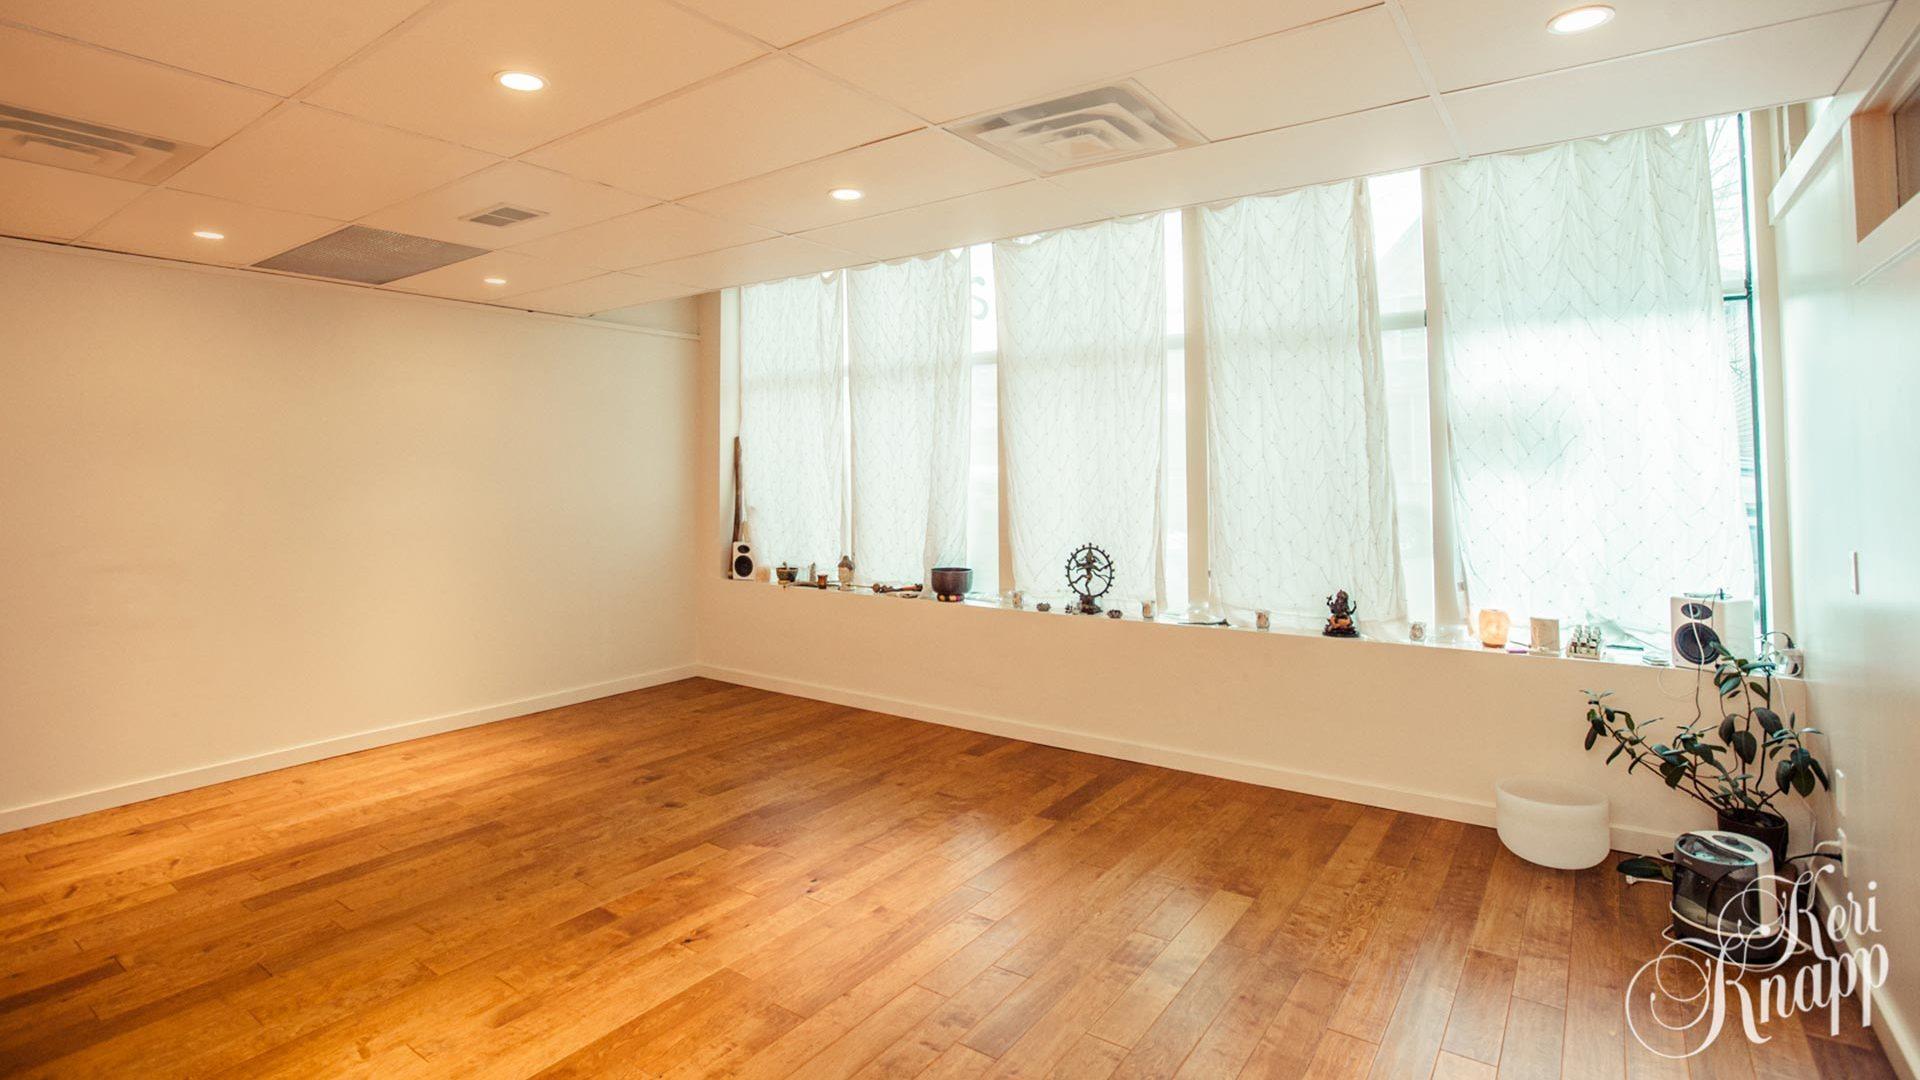 Balu Yoga studio in Revelstoke, BC